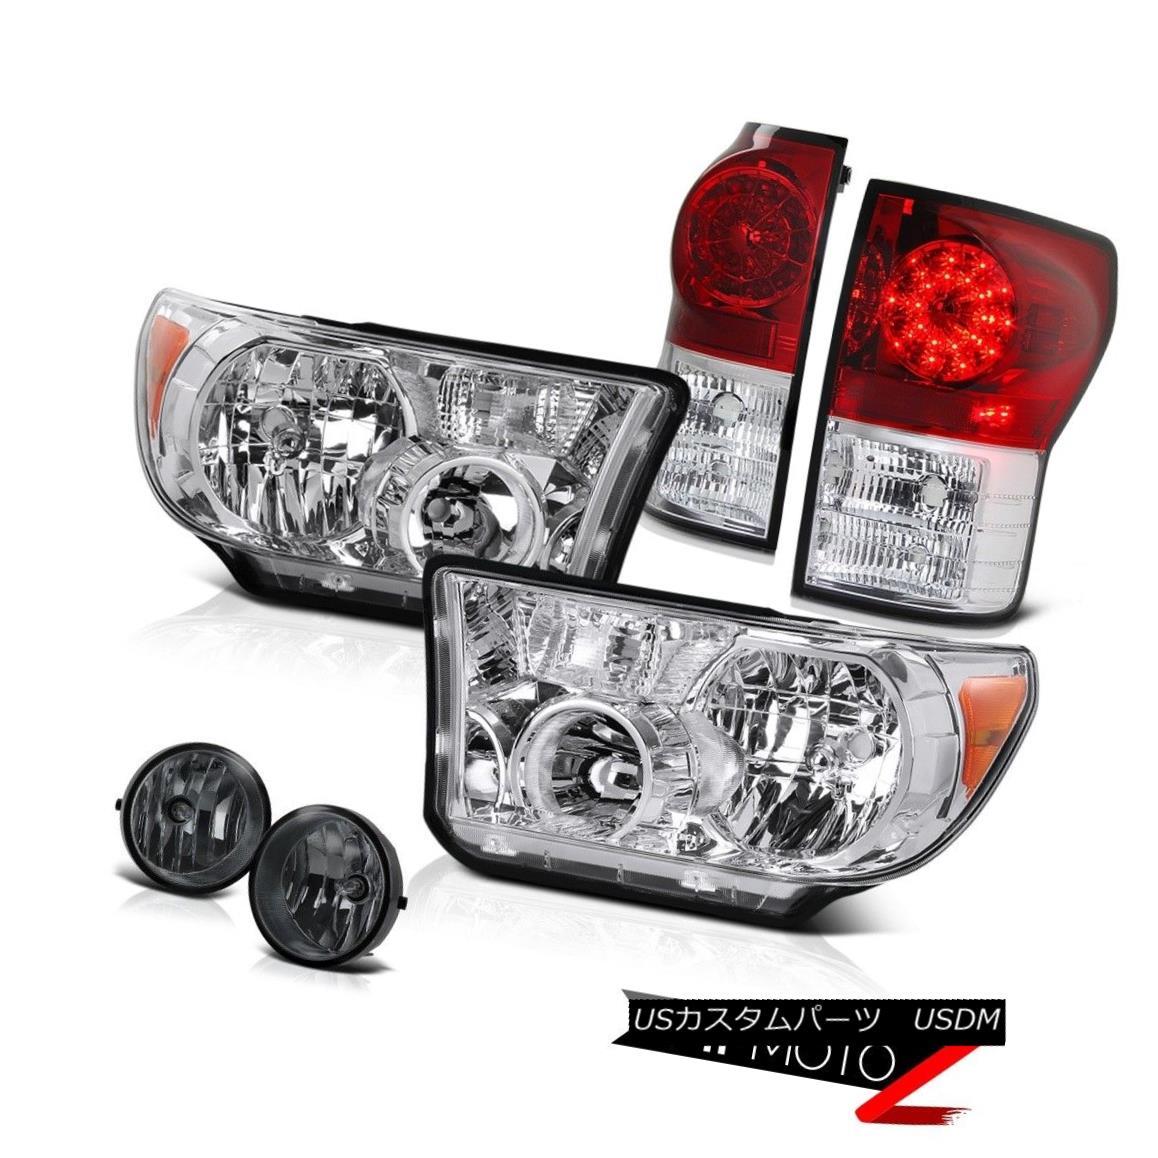 ヘッドライト Crystal Clear Replacement Headlamp+Led Tail Light+Fog Lamp 07-13 Tundra クリスタルクリア置換ヘッドランプ+ Ledテールライト+フォグランプ07-13 Tundra